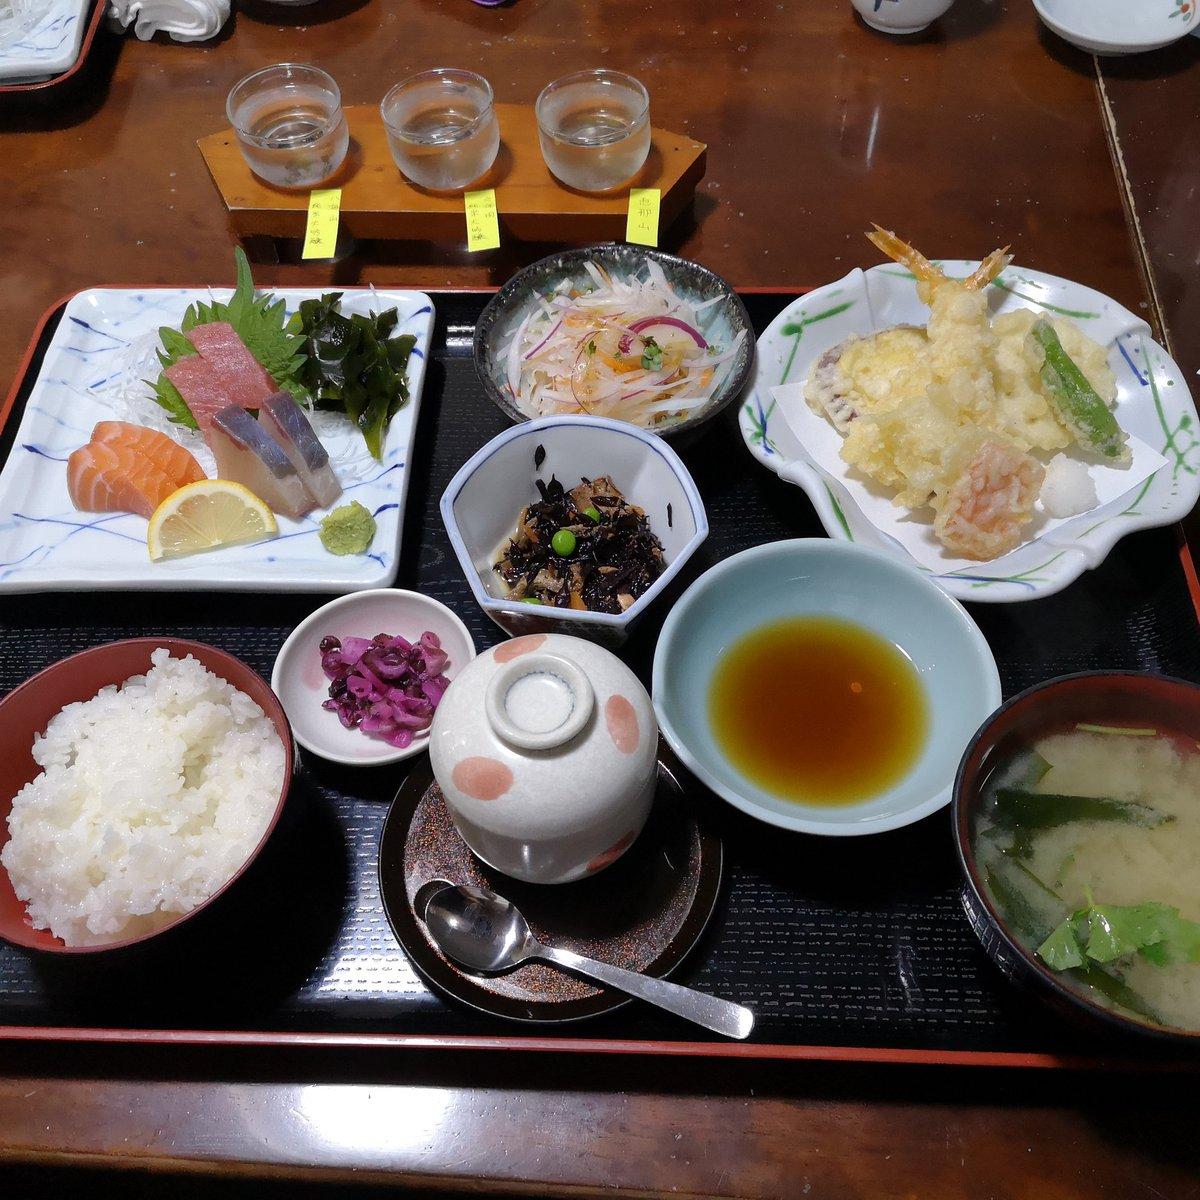 test ツイッターメディア - 家族全員休みだったので夕食食べてきました。美味しかったです。 そーいえば外で堂々と飲んだこと無かったので、 日本酒初めてきき酒しました。 (一言感想) ・八海山:スッキリしててすき ・久保田:1口目からガツン ・恵那山:甘かった…  結論日本酒好きだなー  おすすめのお酒あれば教えてね! https://t.co/g2j4Ll5VOg